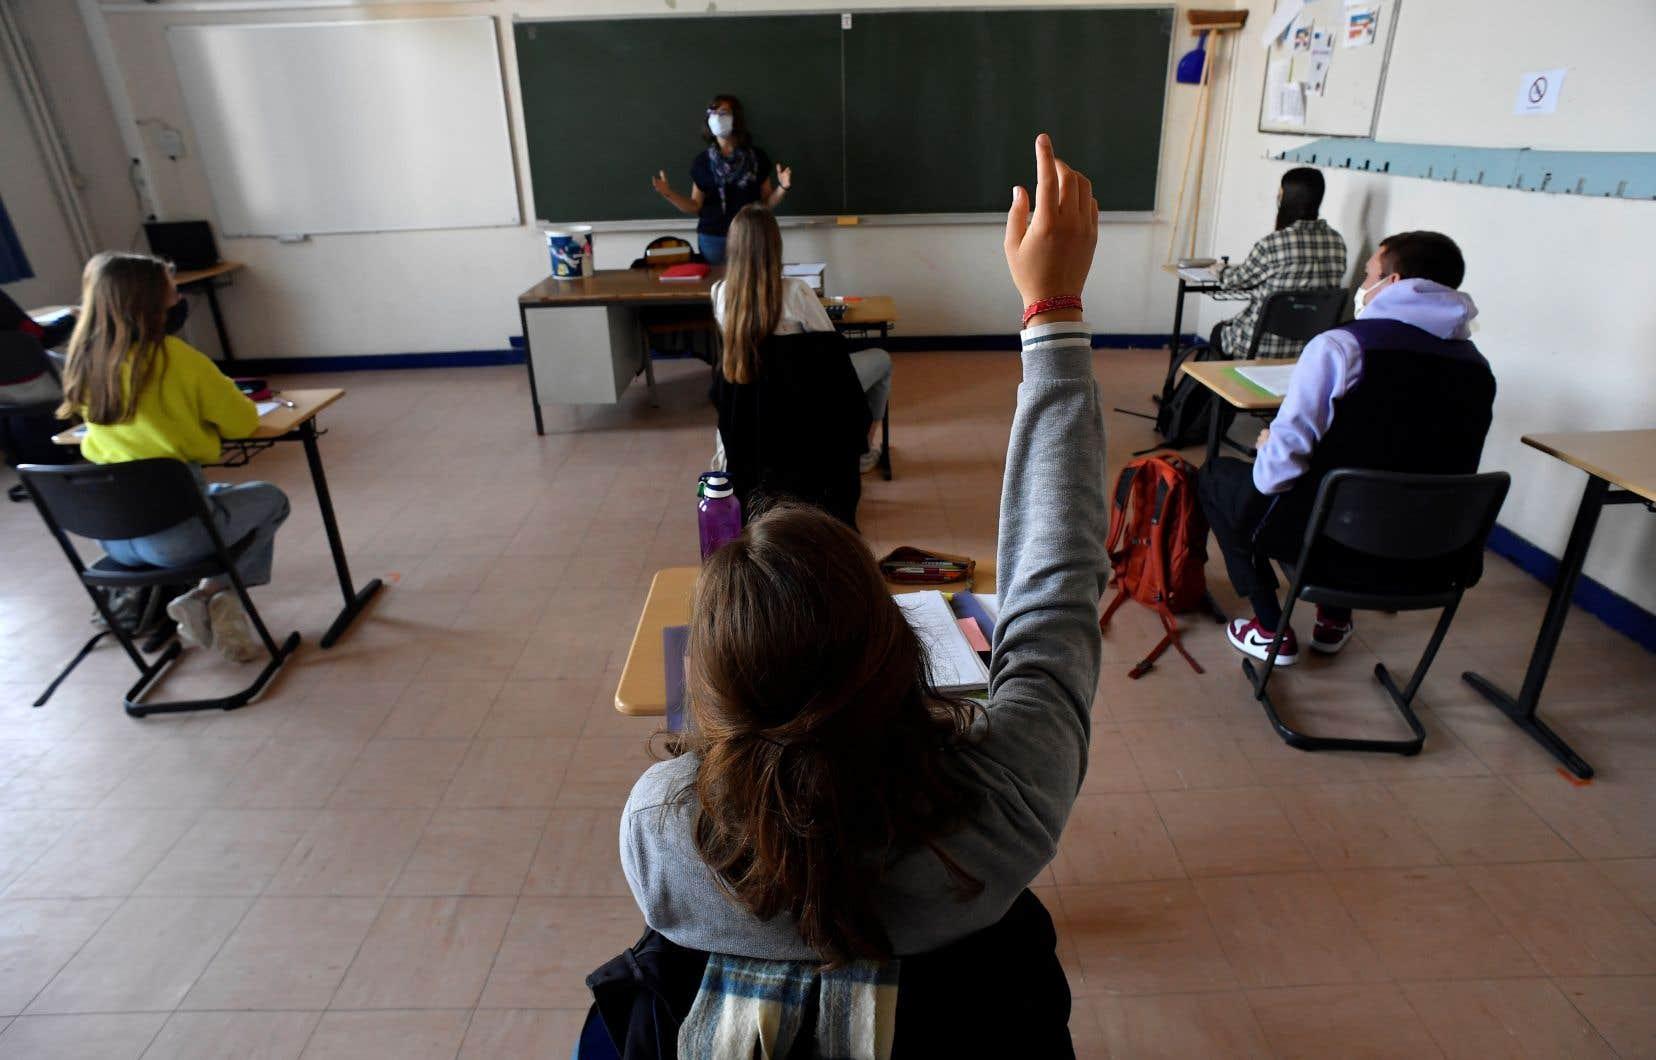 «Pourquoi tolérons-nous une telle marque de dévalorisation de la profession en enseignement?», se demande l'autrice.